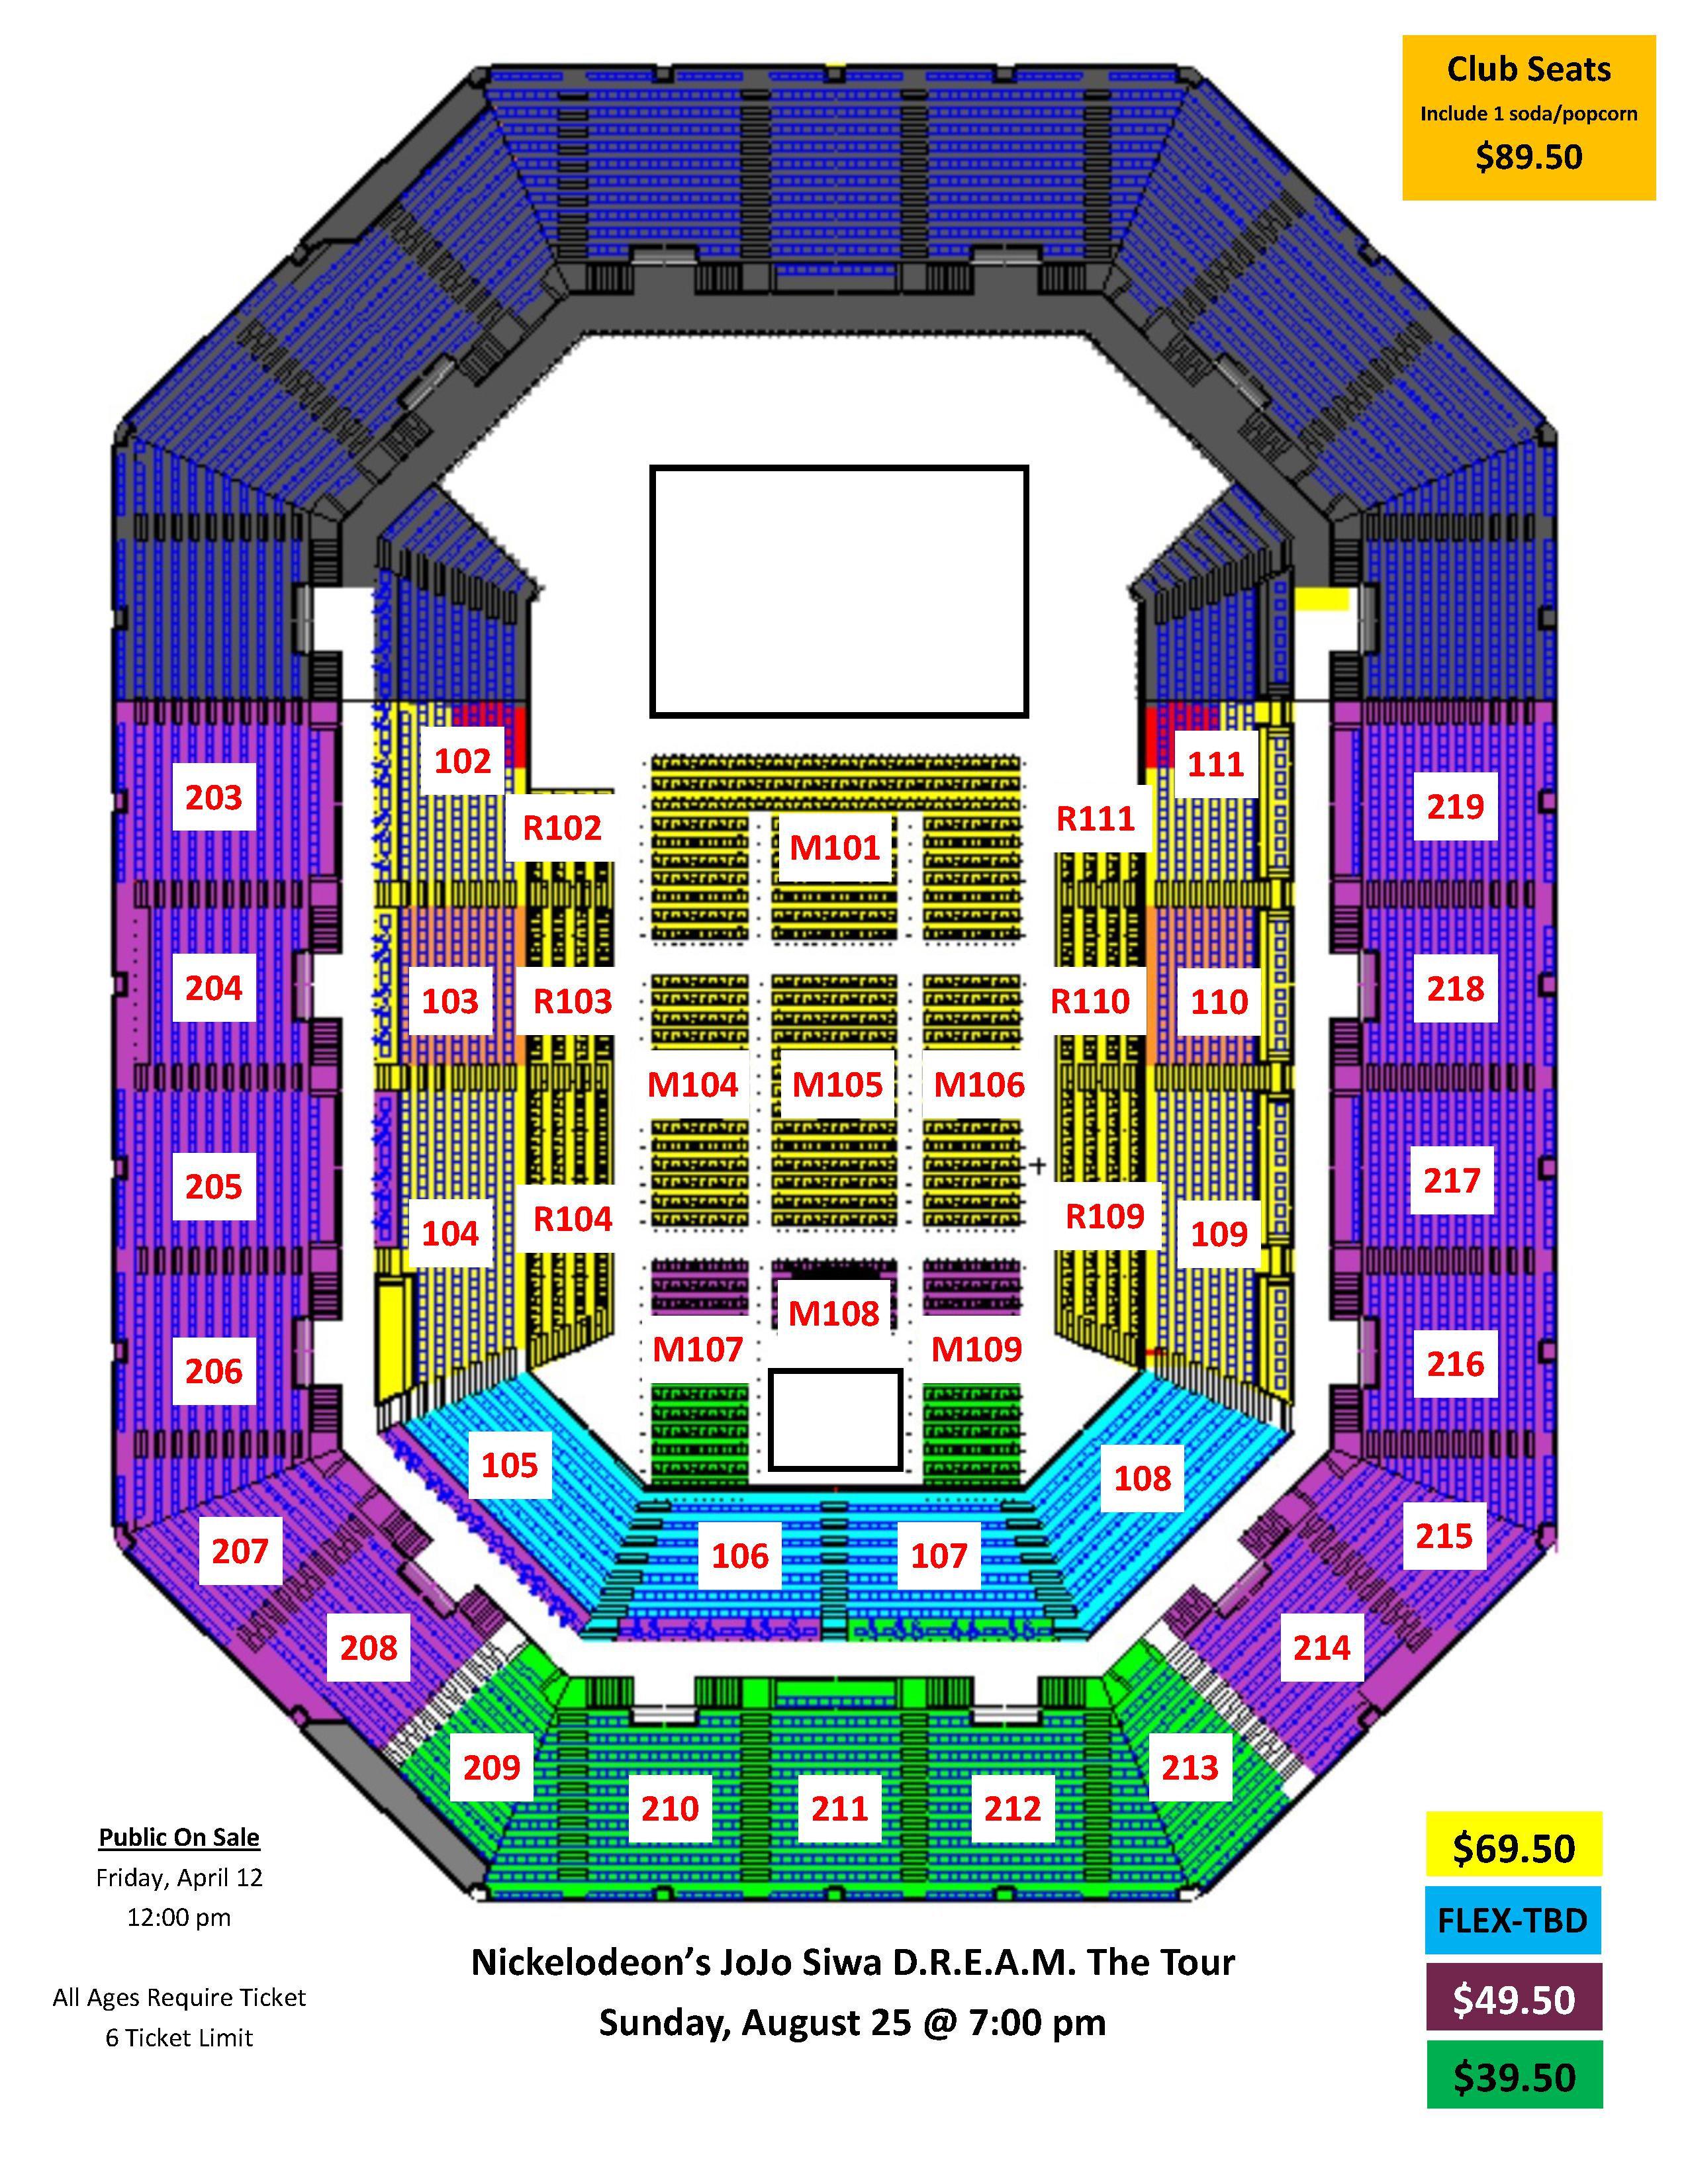 JoJo Siwa D R E A M The Tour 08 25 19